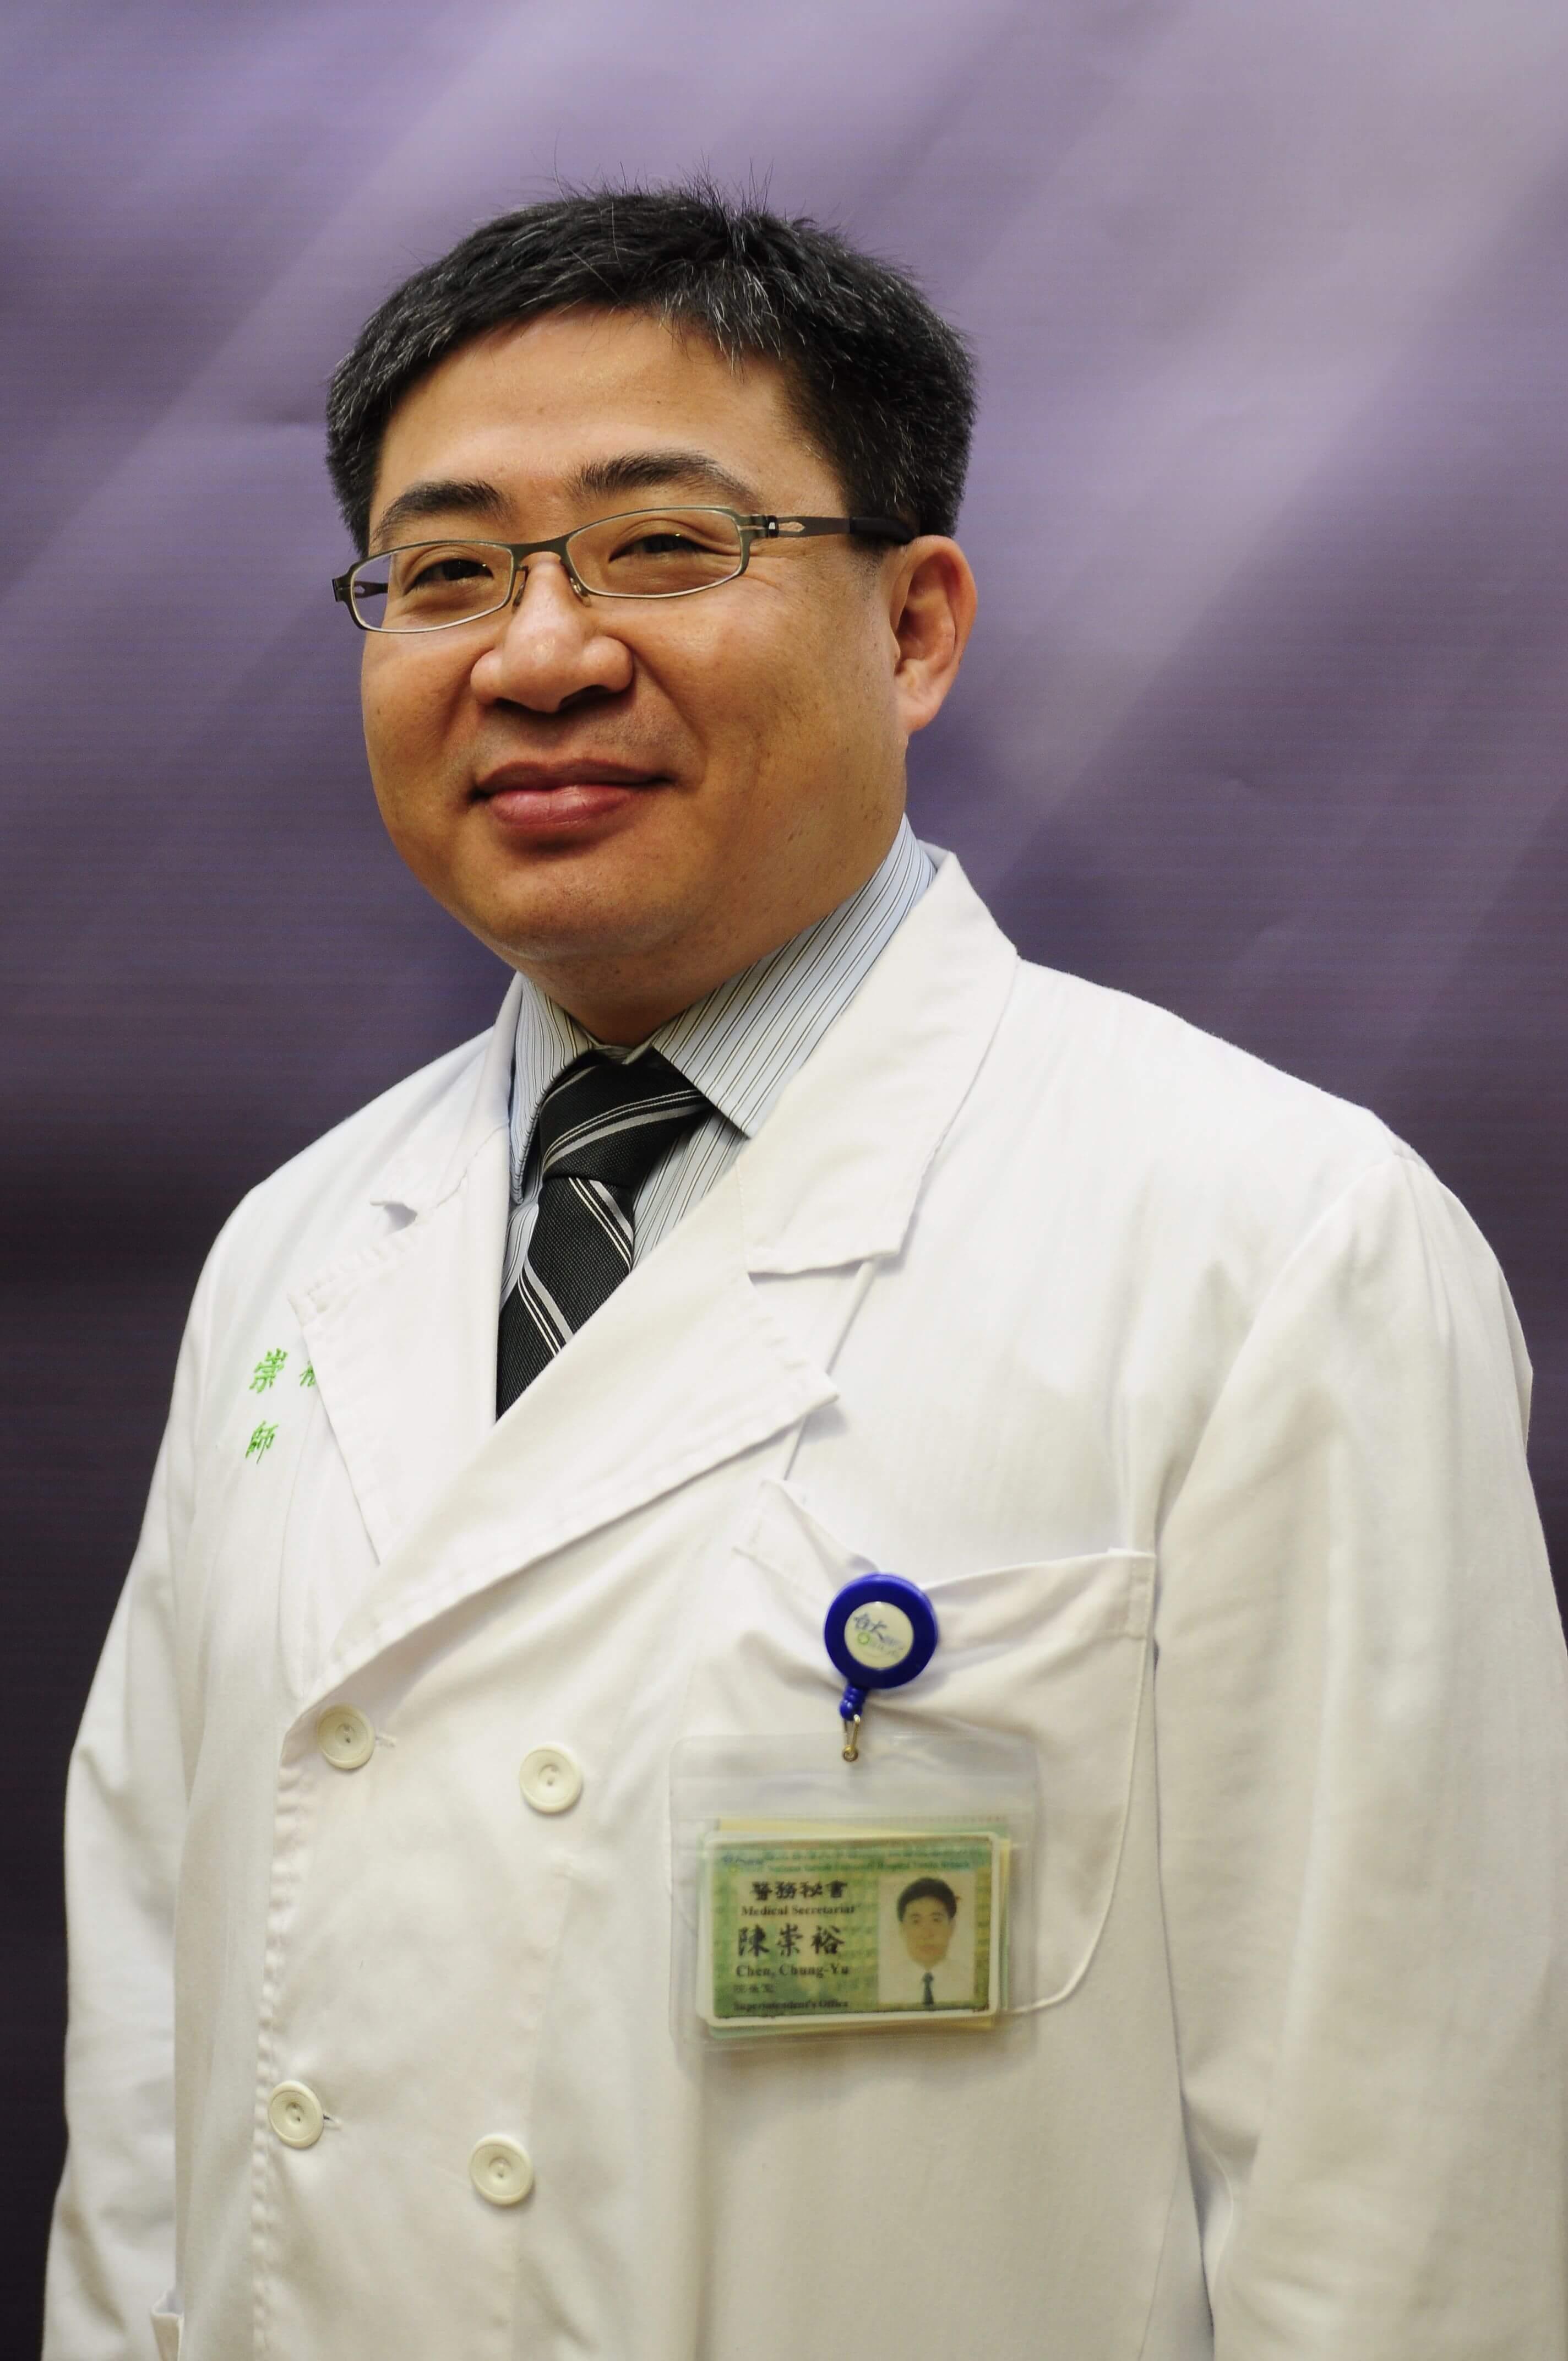 39-台大醫院雲林分院胸腔內科主治醫師陳崇裕